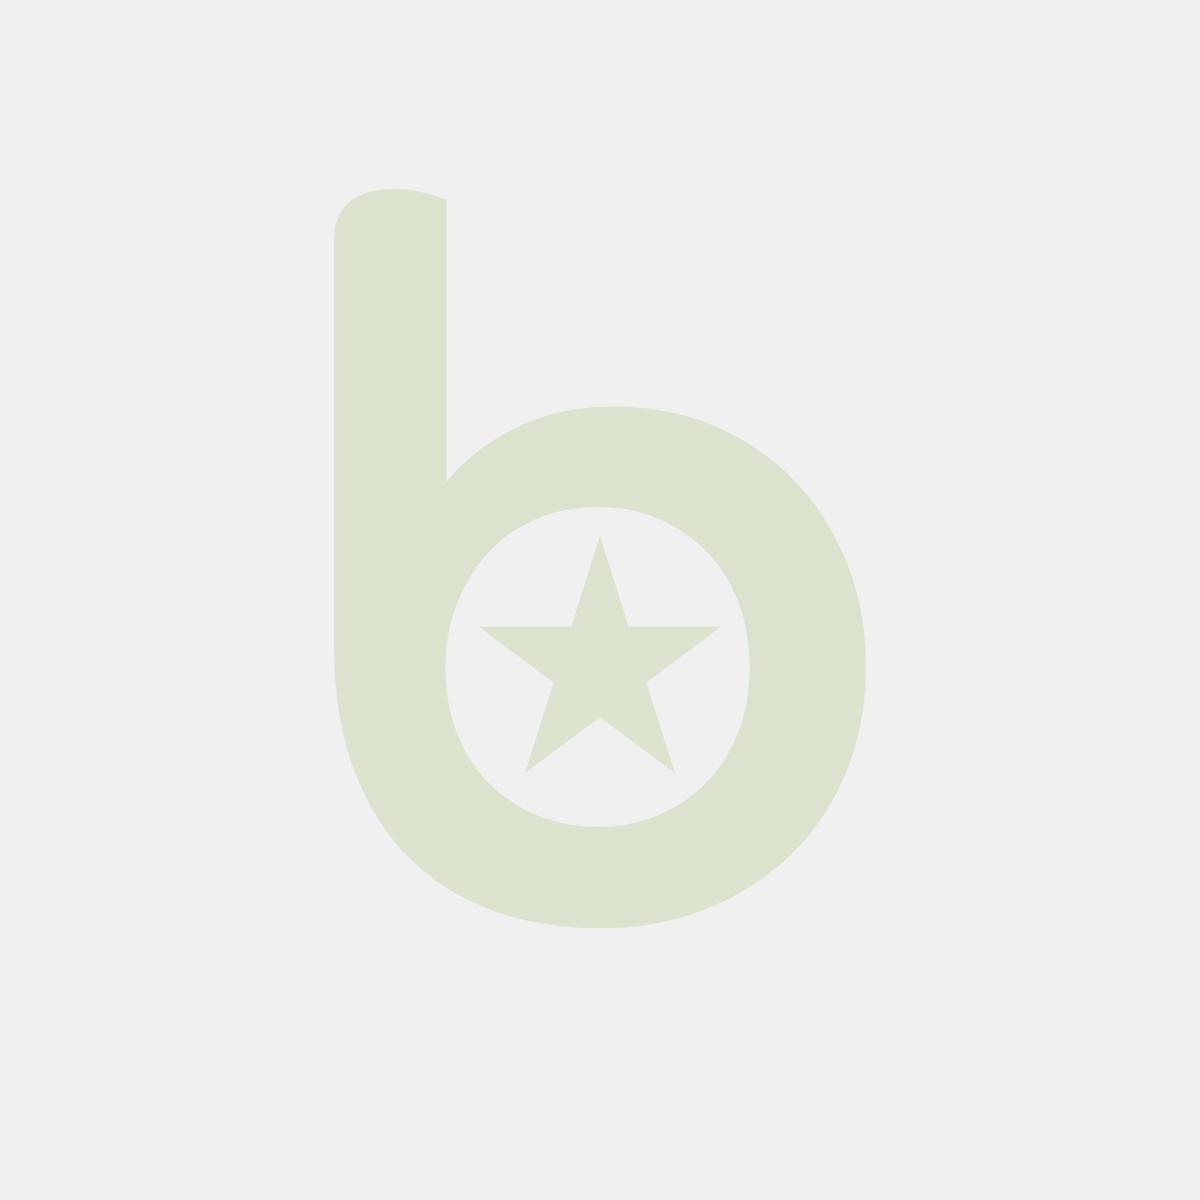 Teczka-pudełko DONAU, PP, A4/5cm, z rączką i zamkiem, bordowa